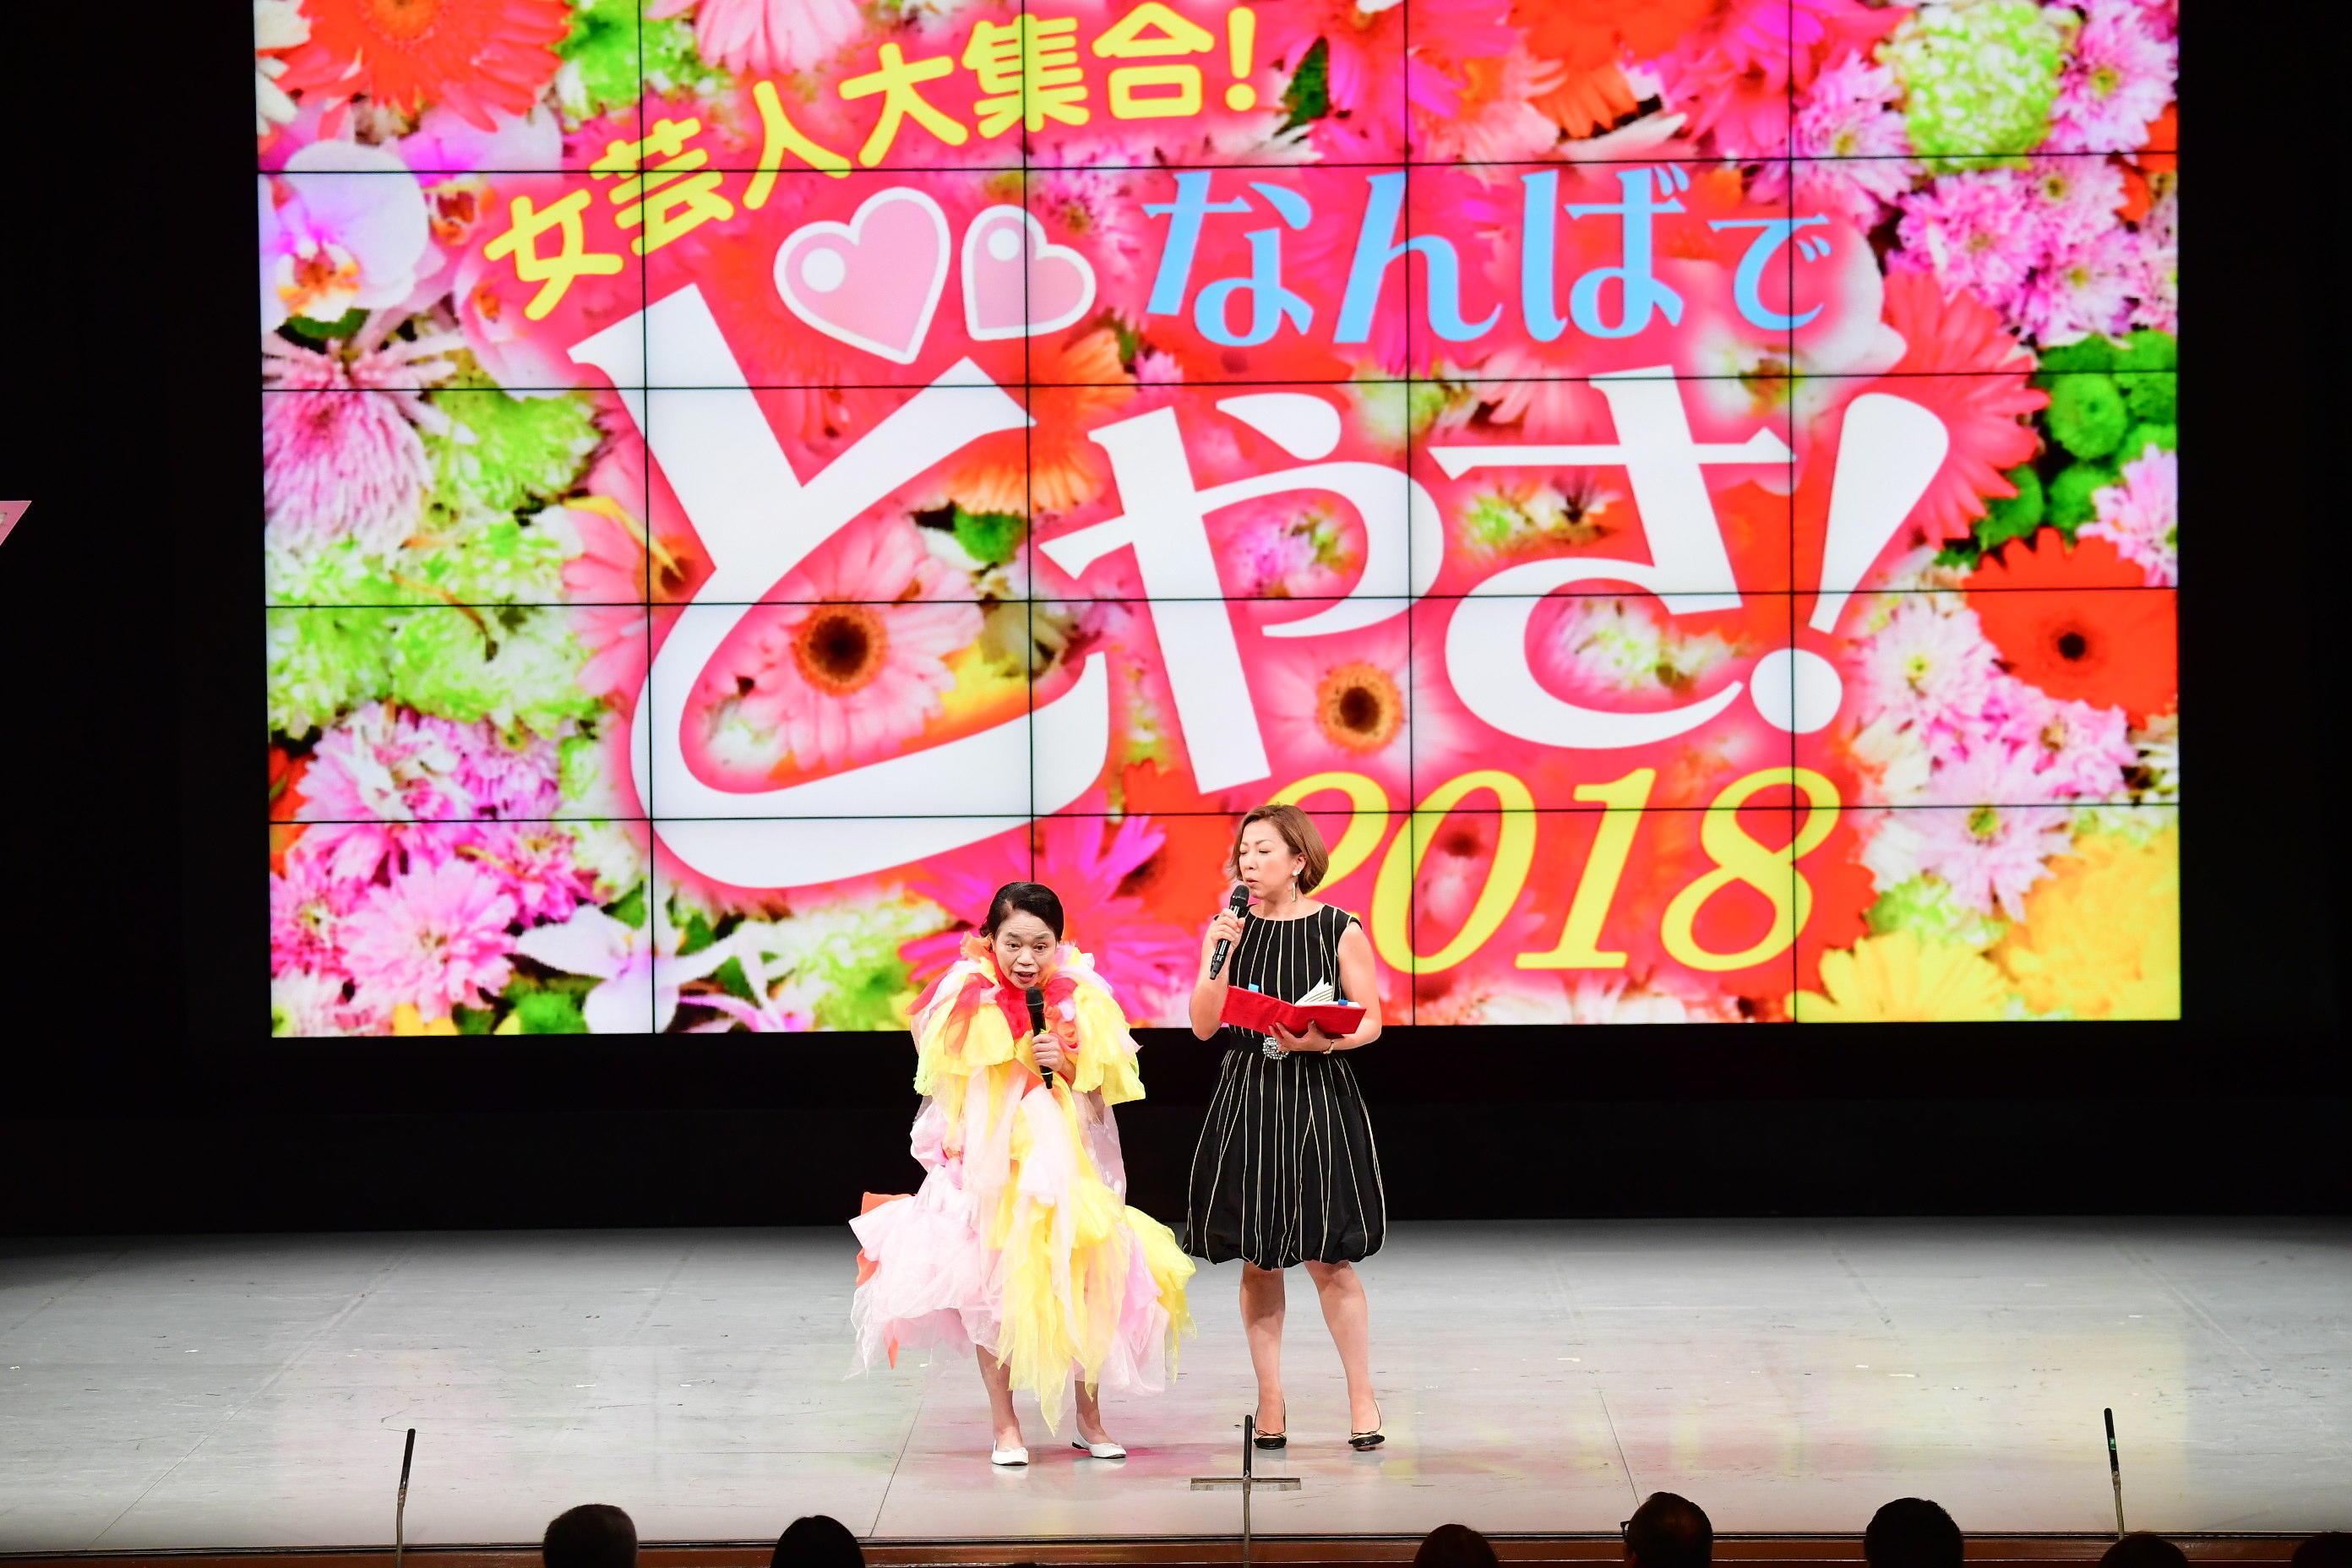 http://news.yoshimoto.co.jp/20180831234450-4caf7908713386fe25d60b0aa8c4e18f0f819334.jpg